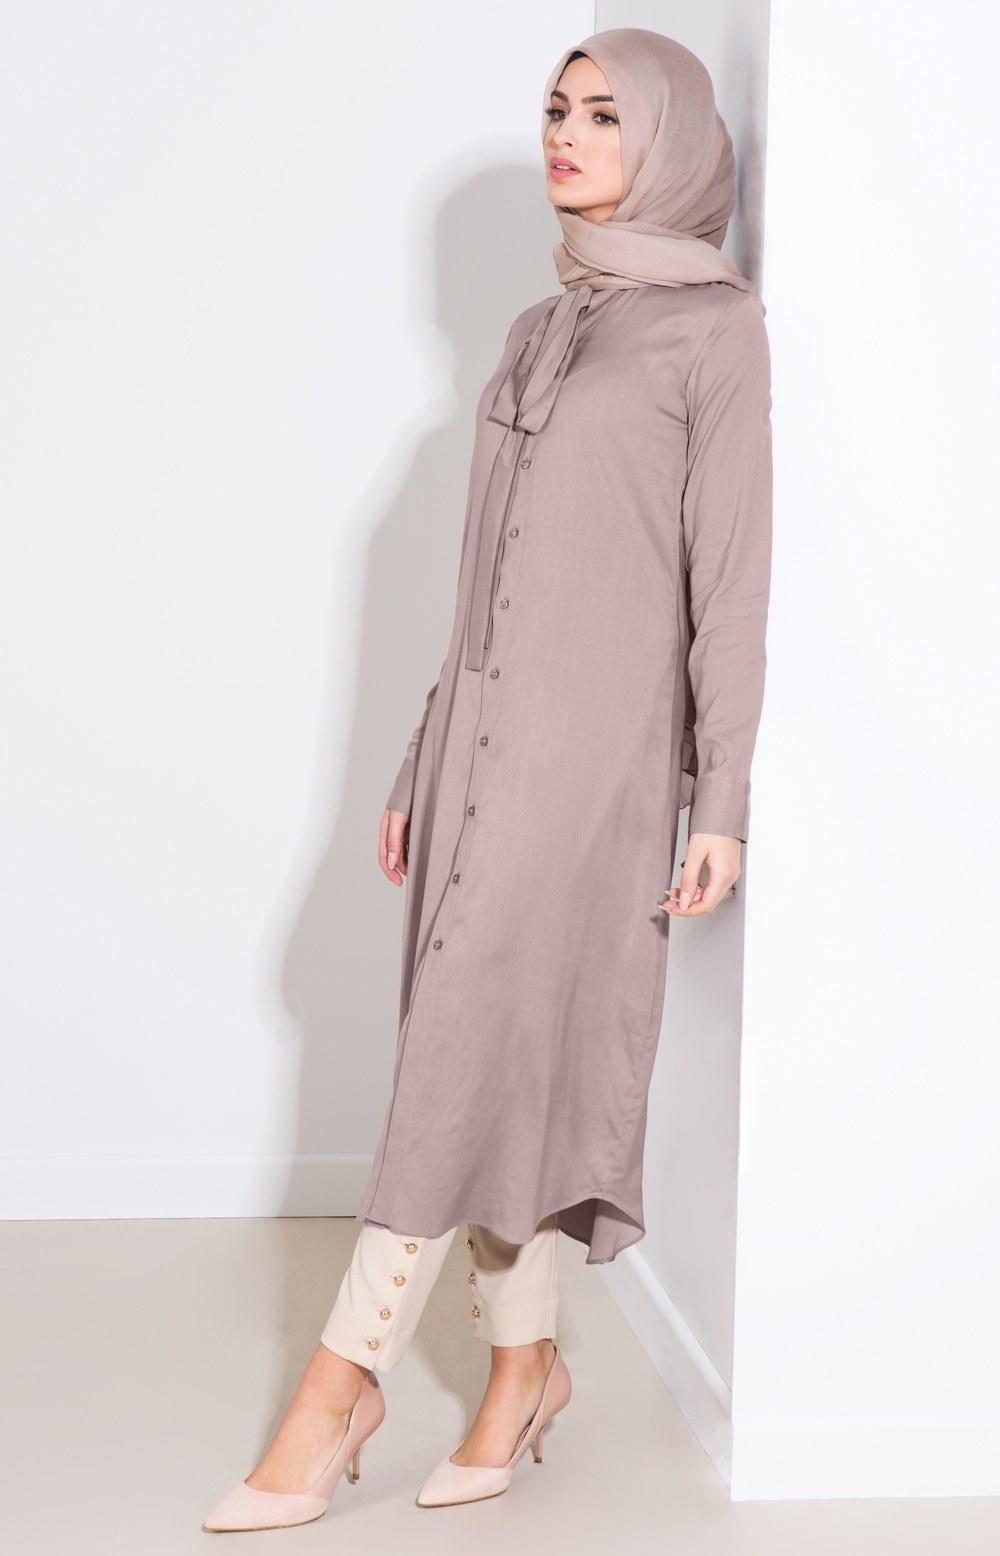 Bentuk Model Baju Lebaran Wanita Kvdd 25 Trend Model Baju Muslim Lebaran 2018 Simple & Modis